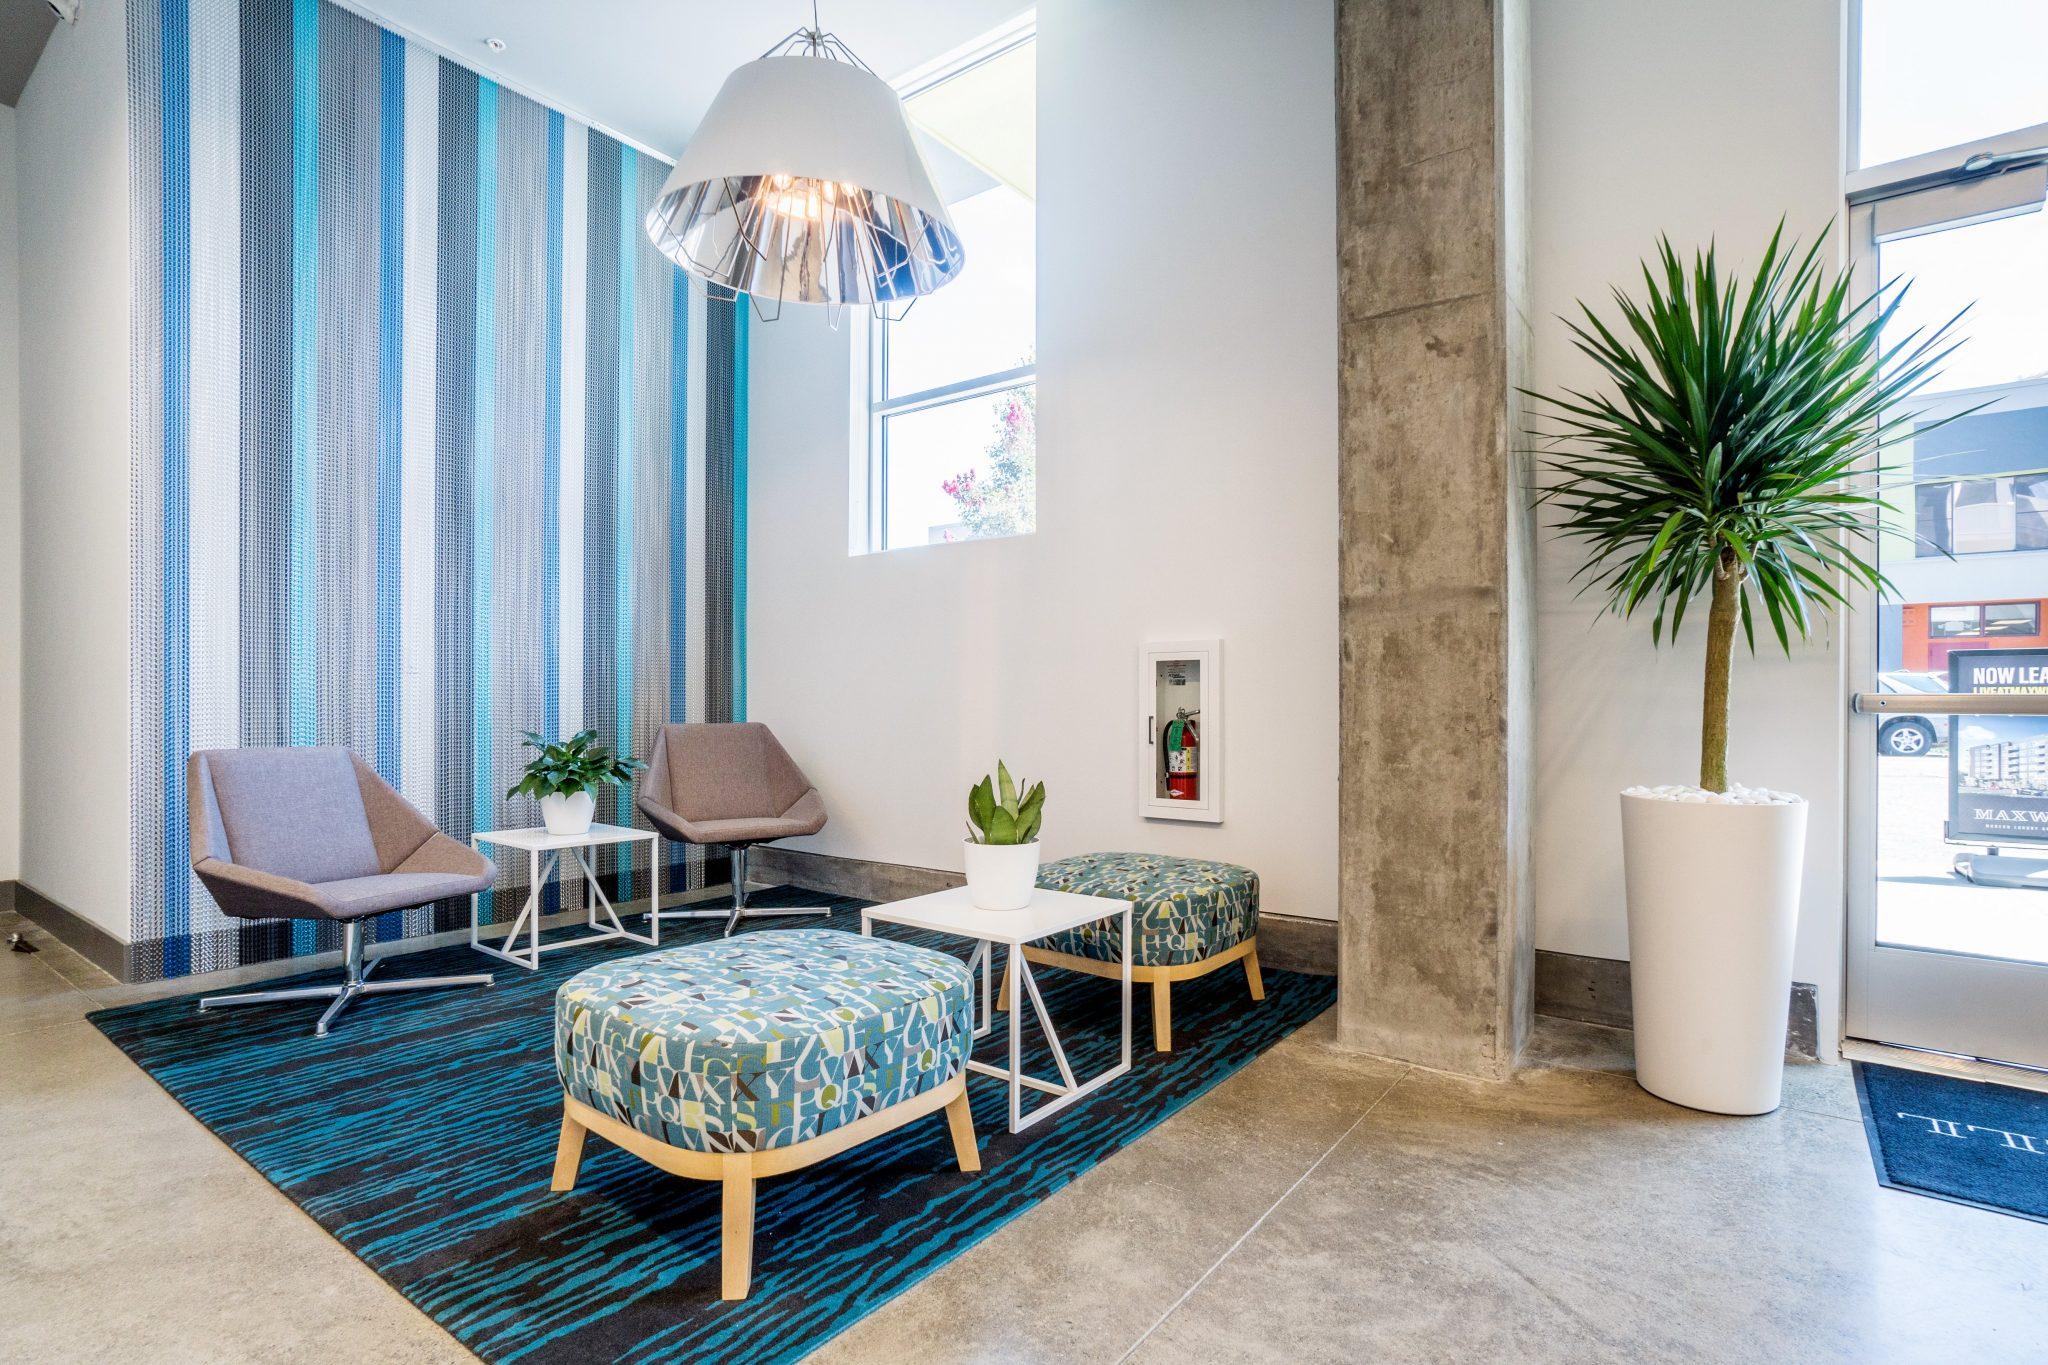 Maxwell_Apartments-POI-003.jpg